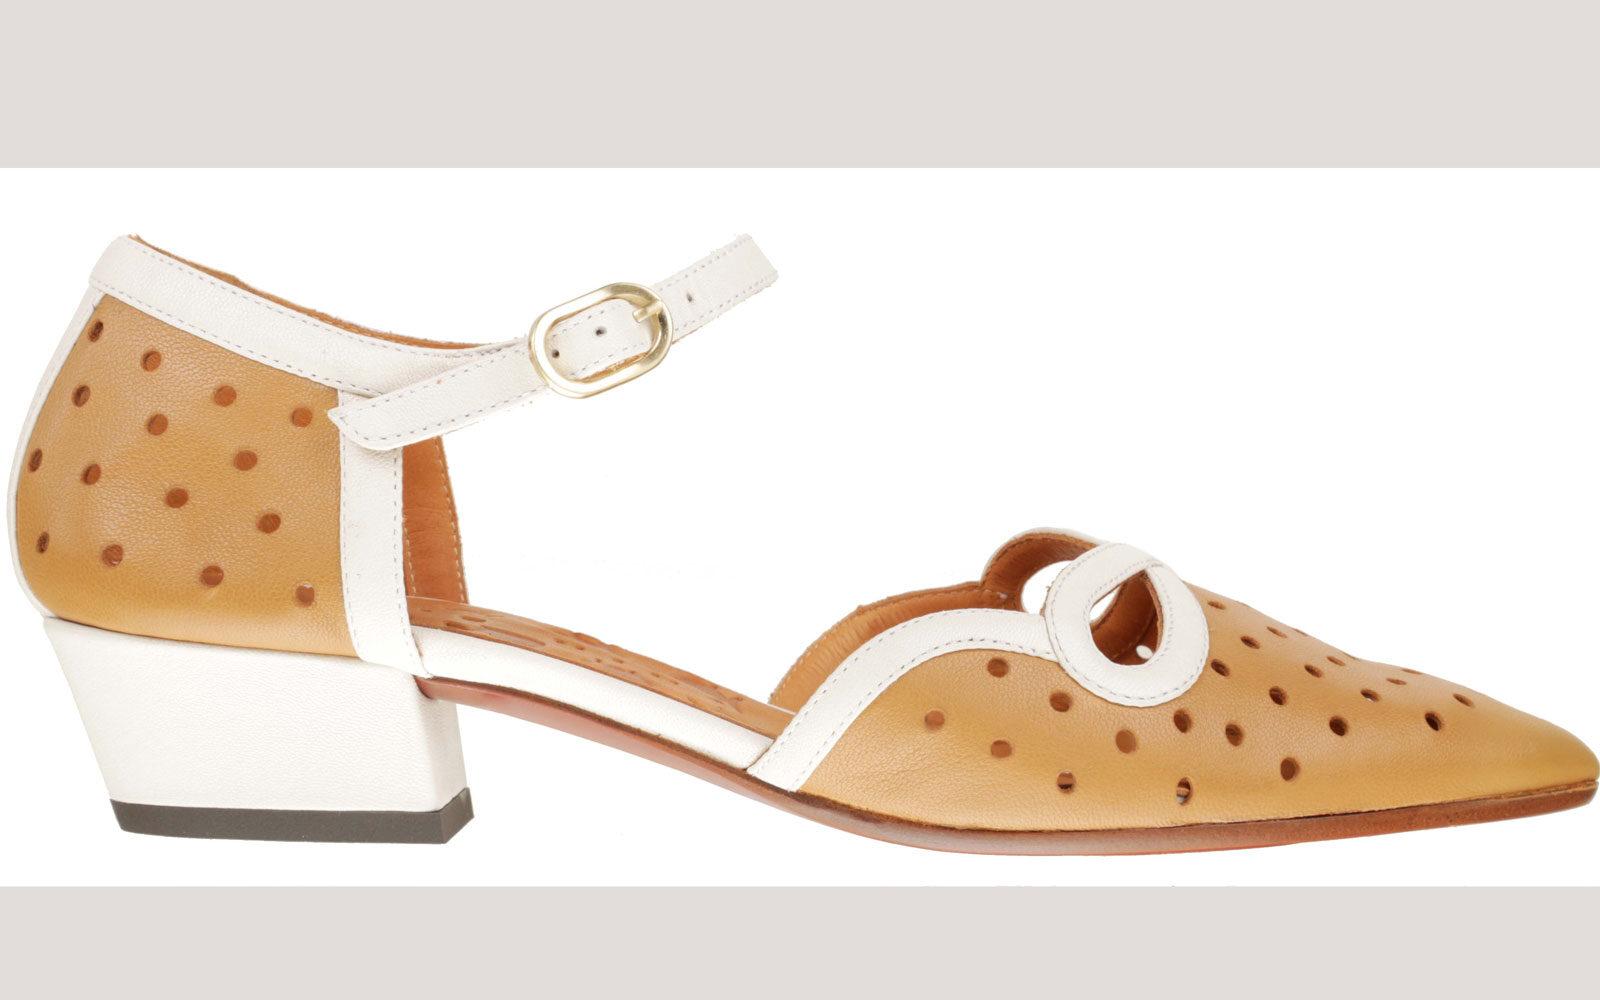 Chie-Mihara Ballerine a punta in morbida pelle traforata color caramello con profili e tacco bianco a contrasto. Dettaglio cinturino alla caviglia. 281  euro